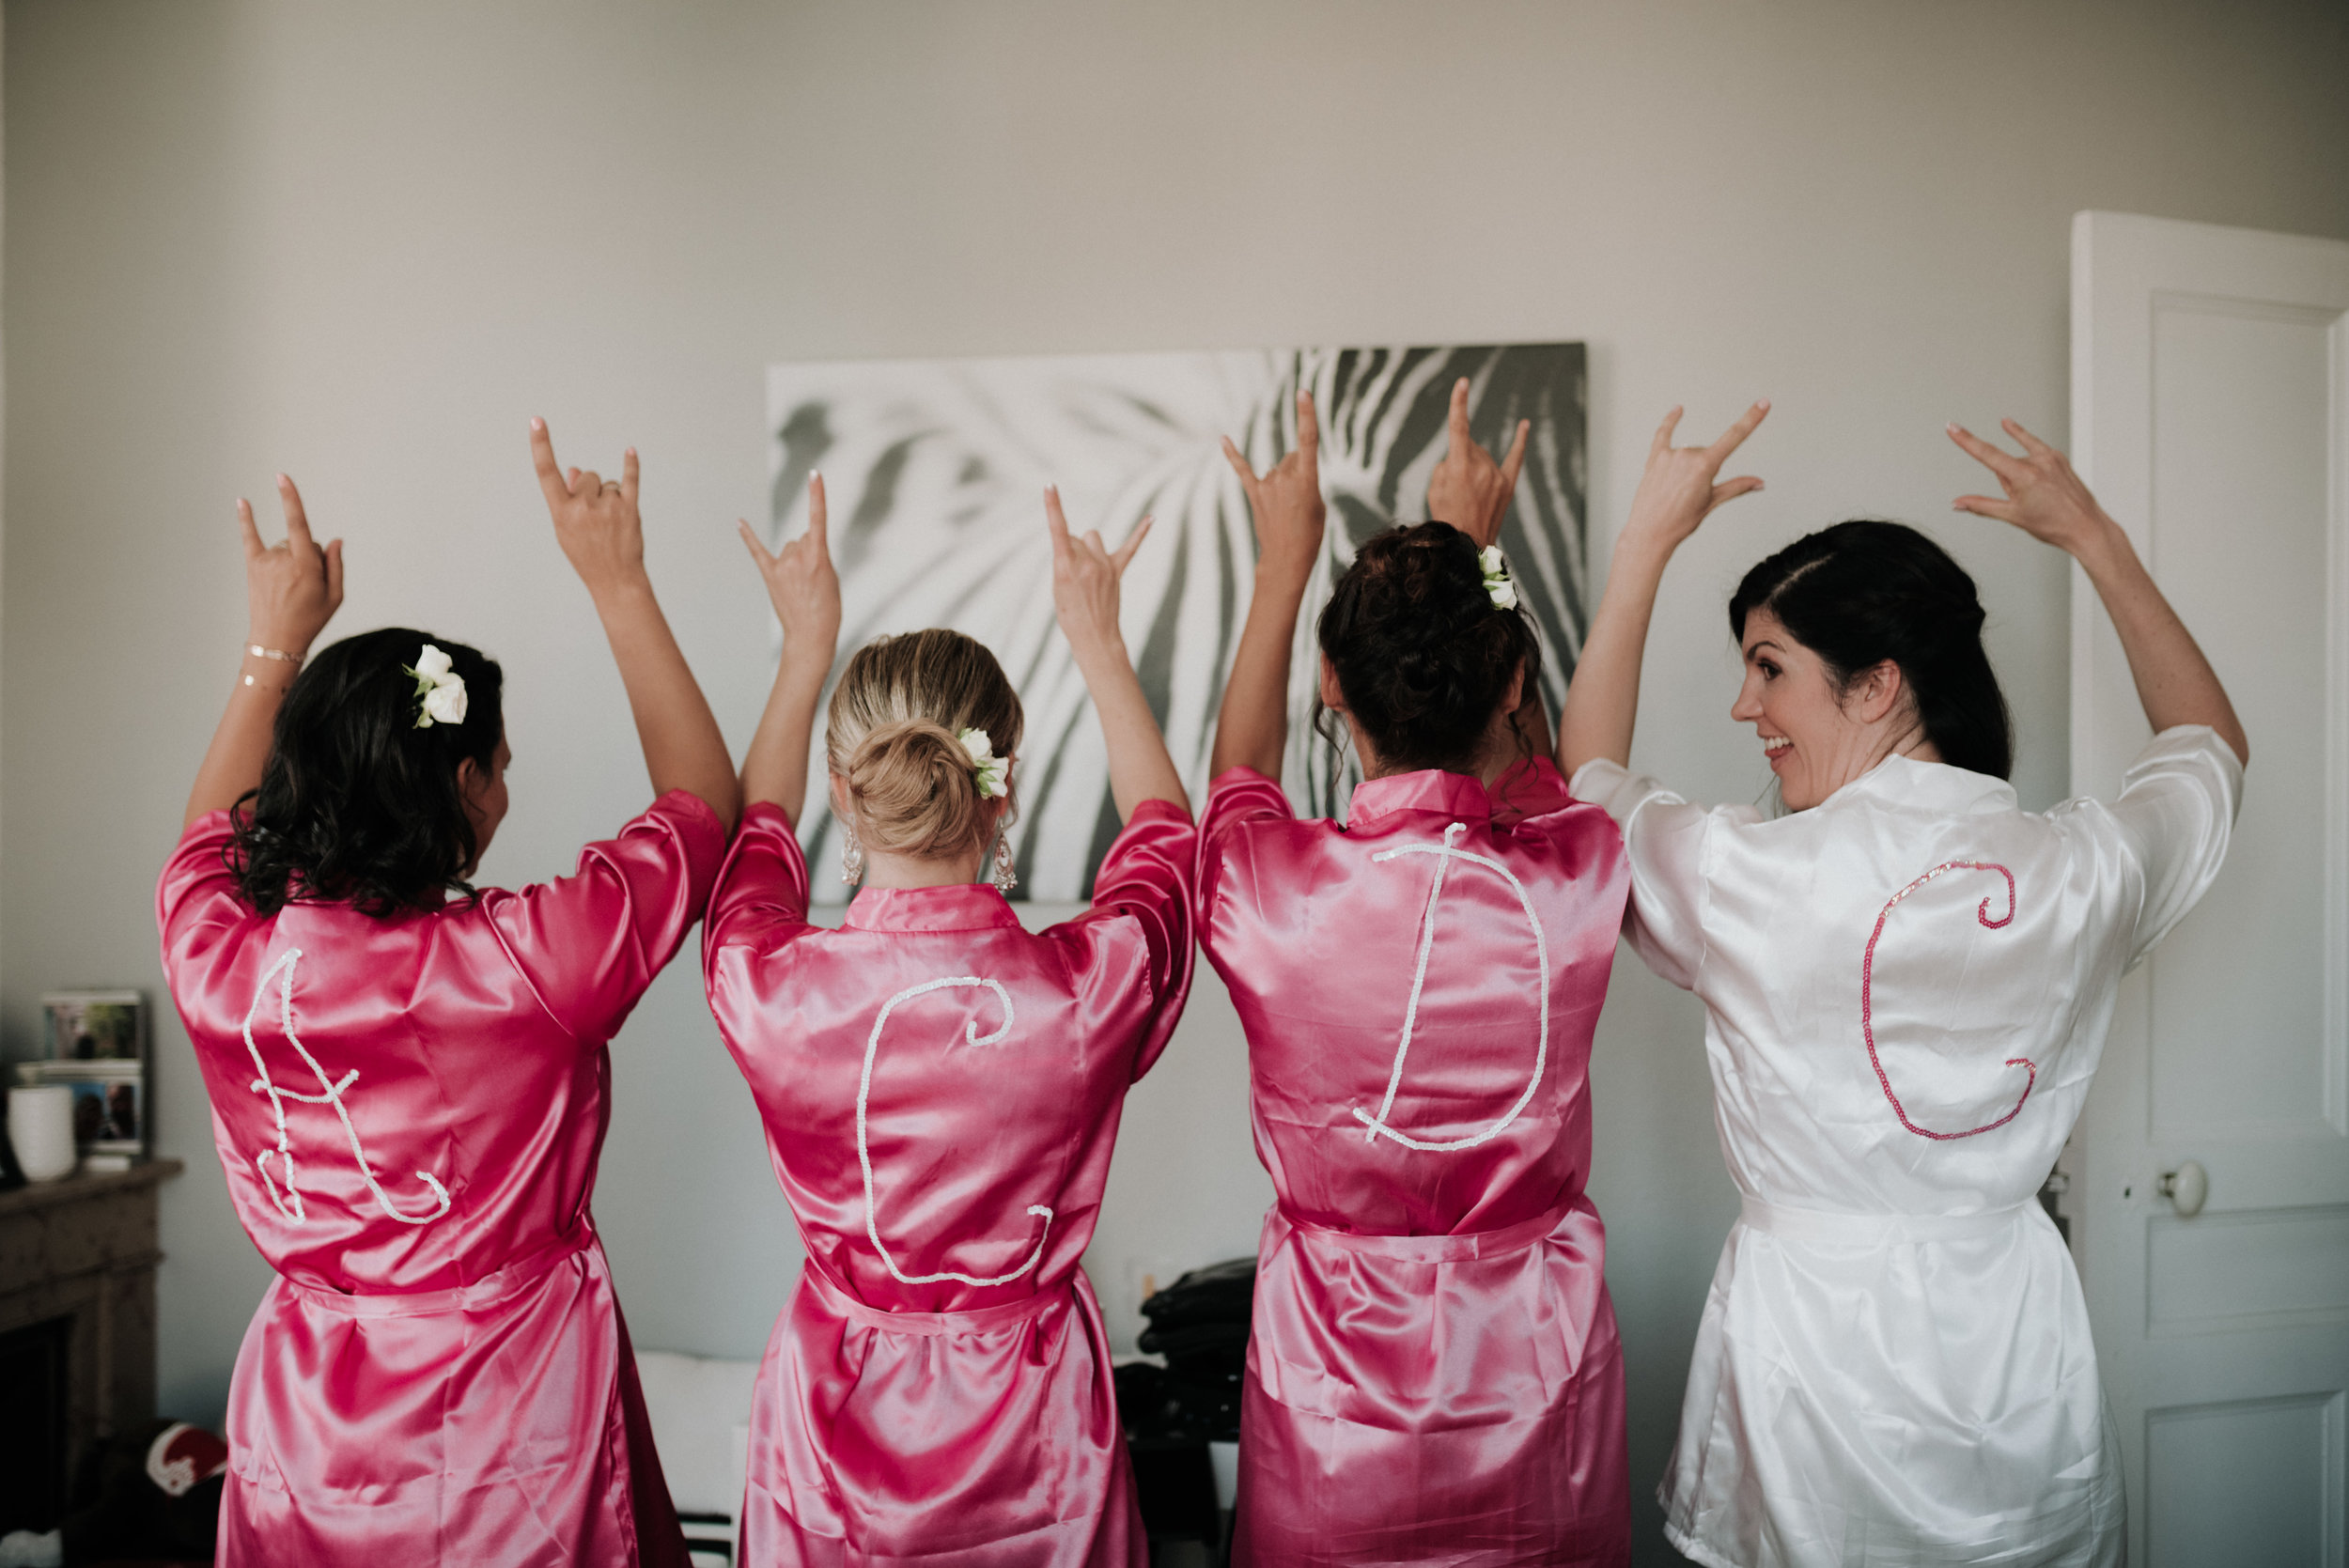 Léa-Fery-photographe-professionnel-lyon-rhone-alpes-portrait-creation-mariage-evenement-evenementiel-famille-7483.jpg